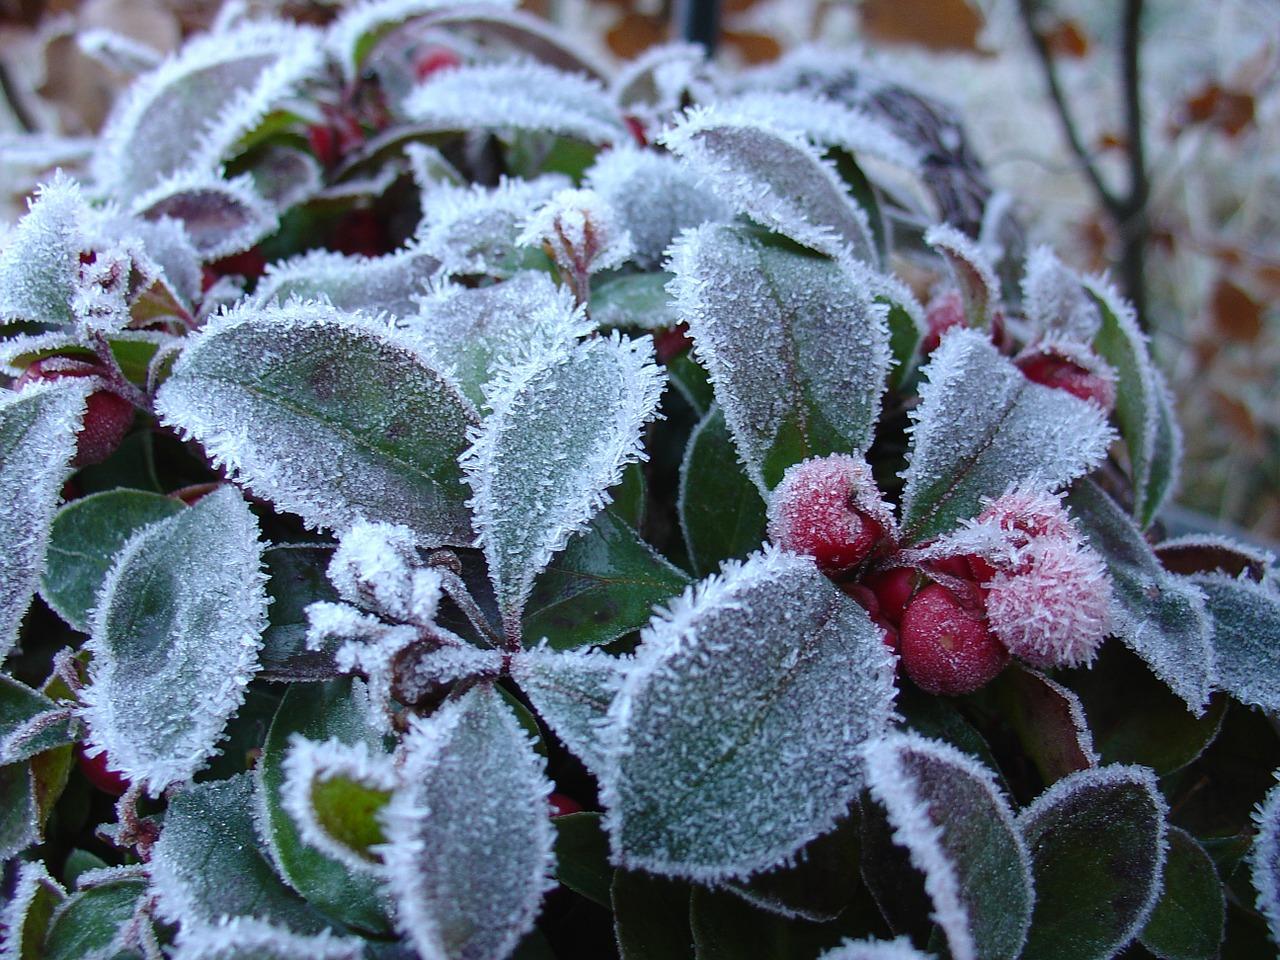 萬年枝、長生樹,冬青枝上雪花香。(pixabay)